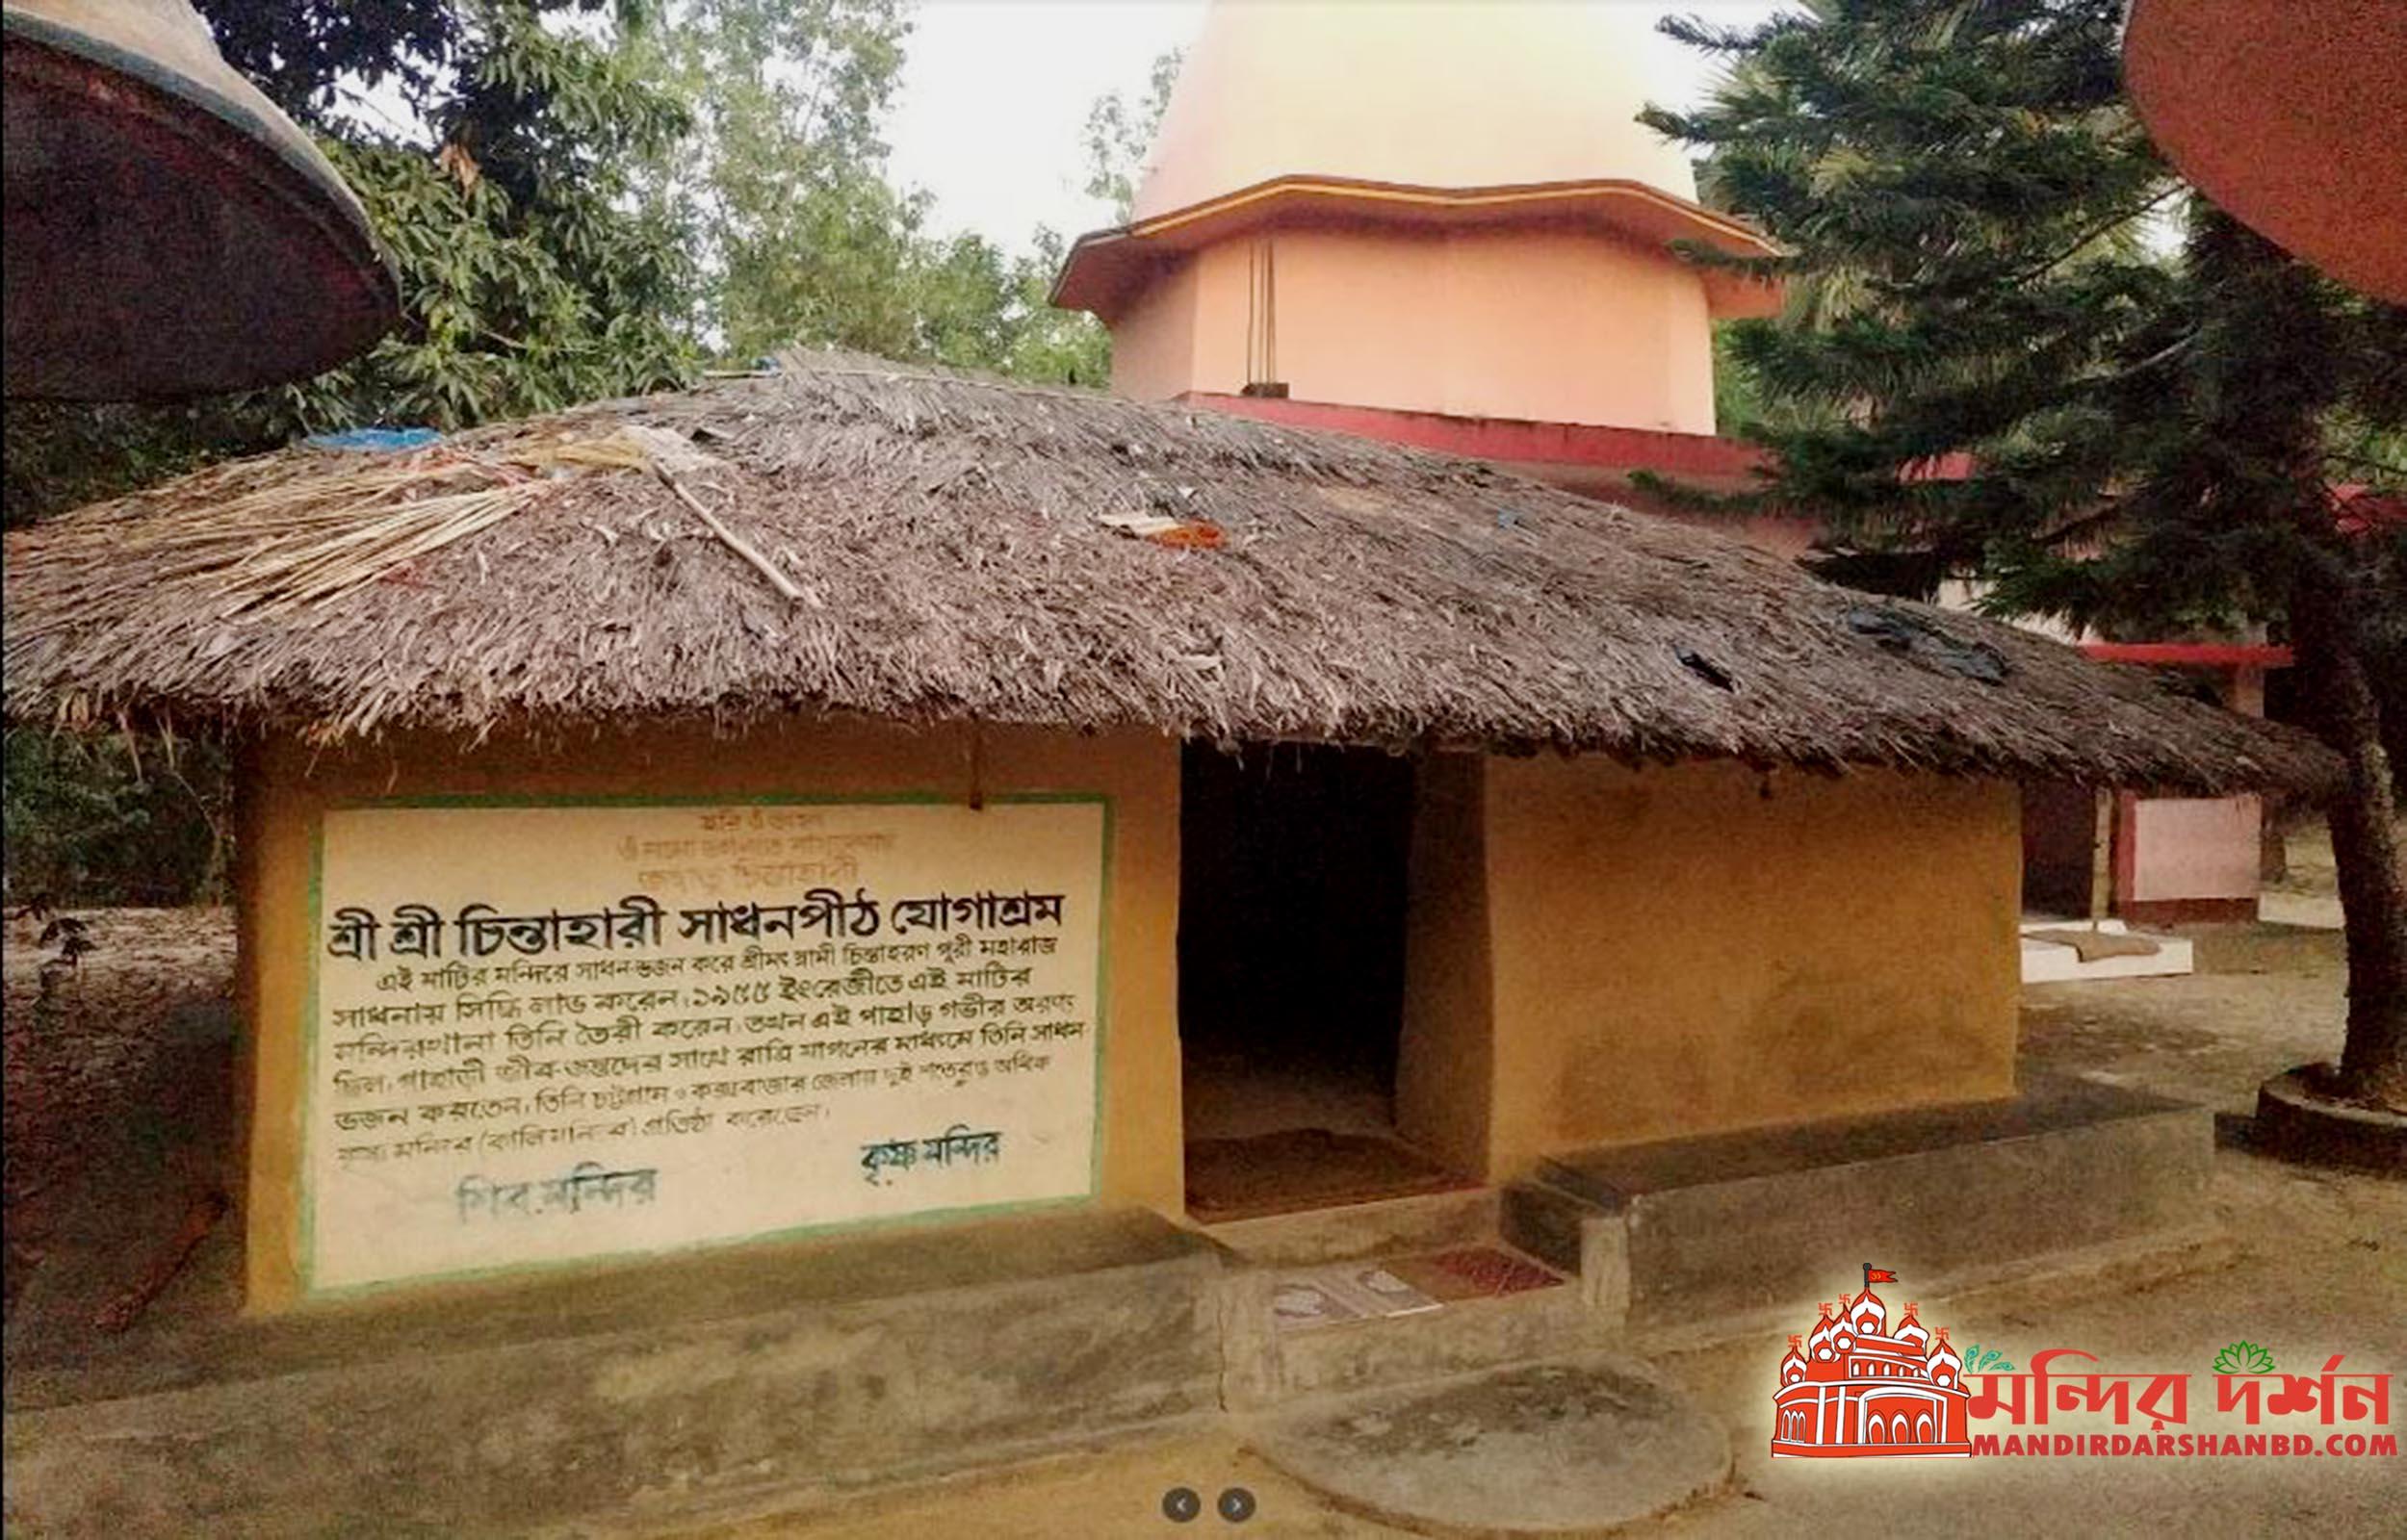 Chintahari Sadhanpith Jogashram